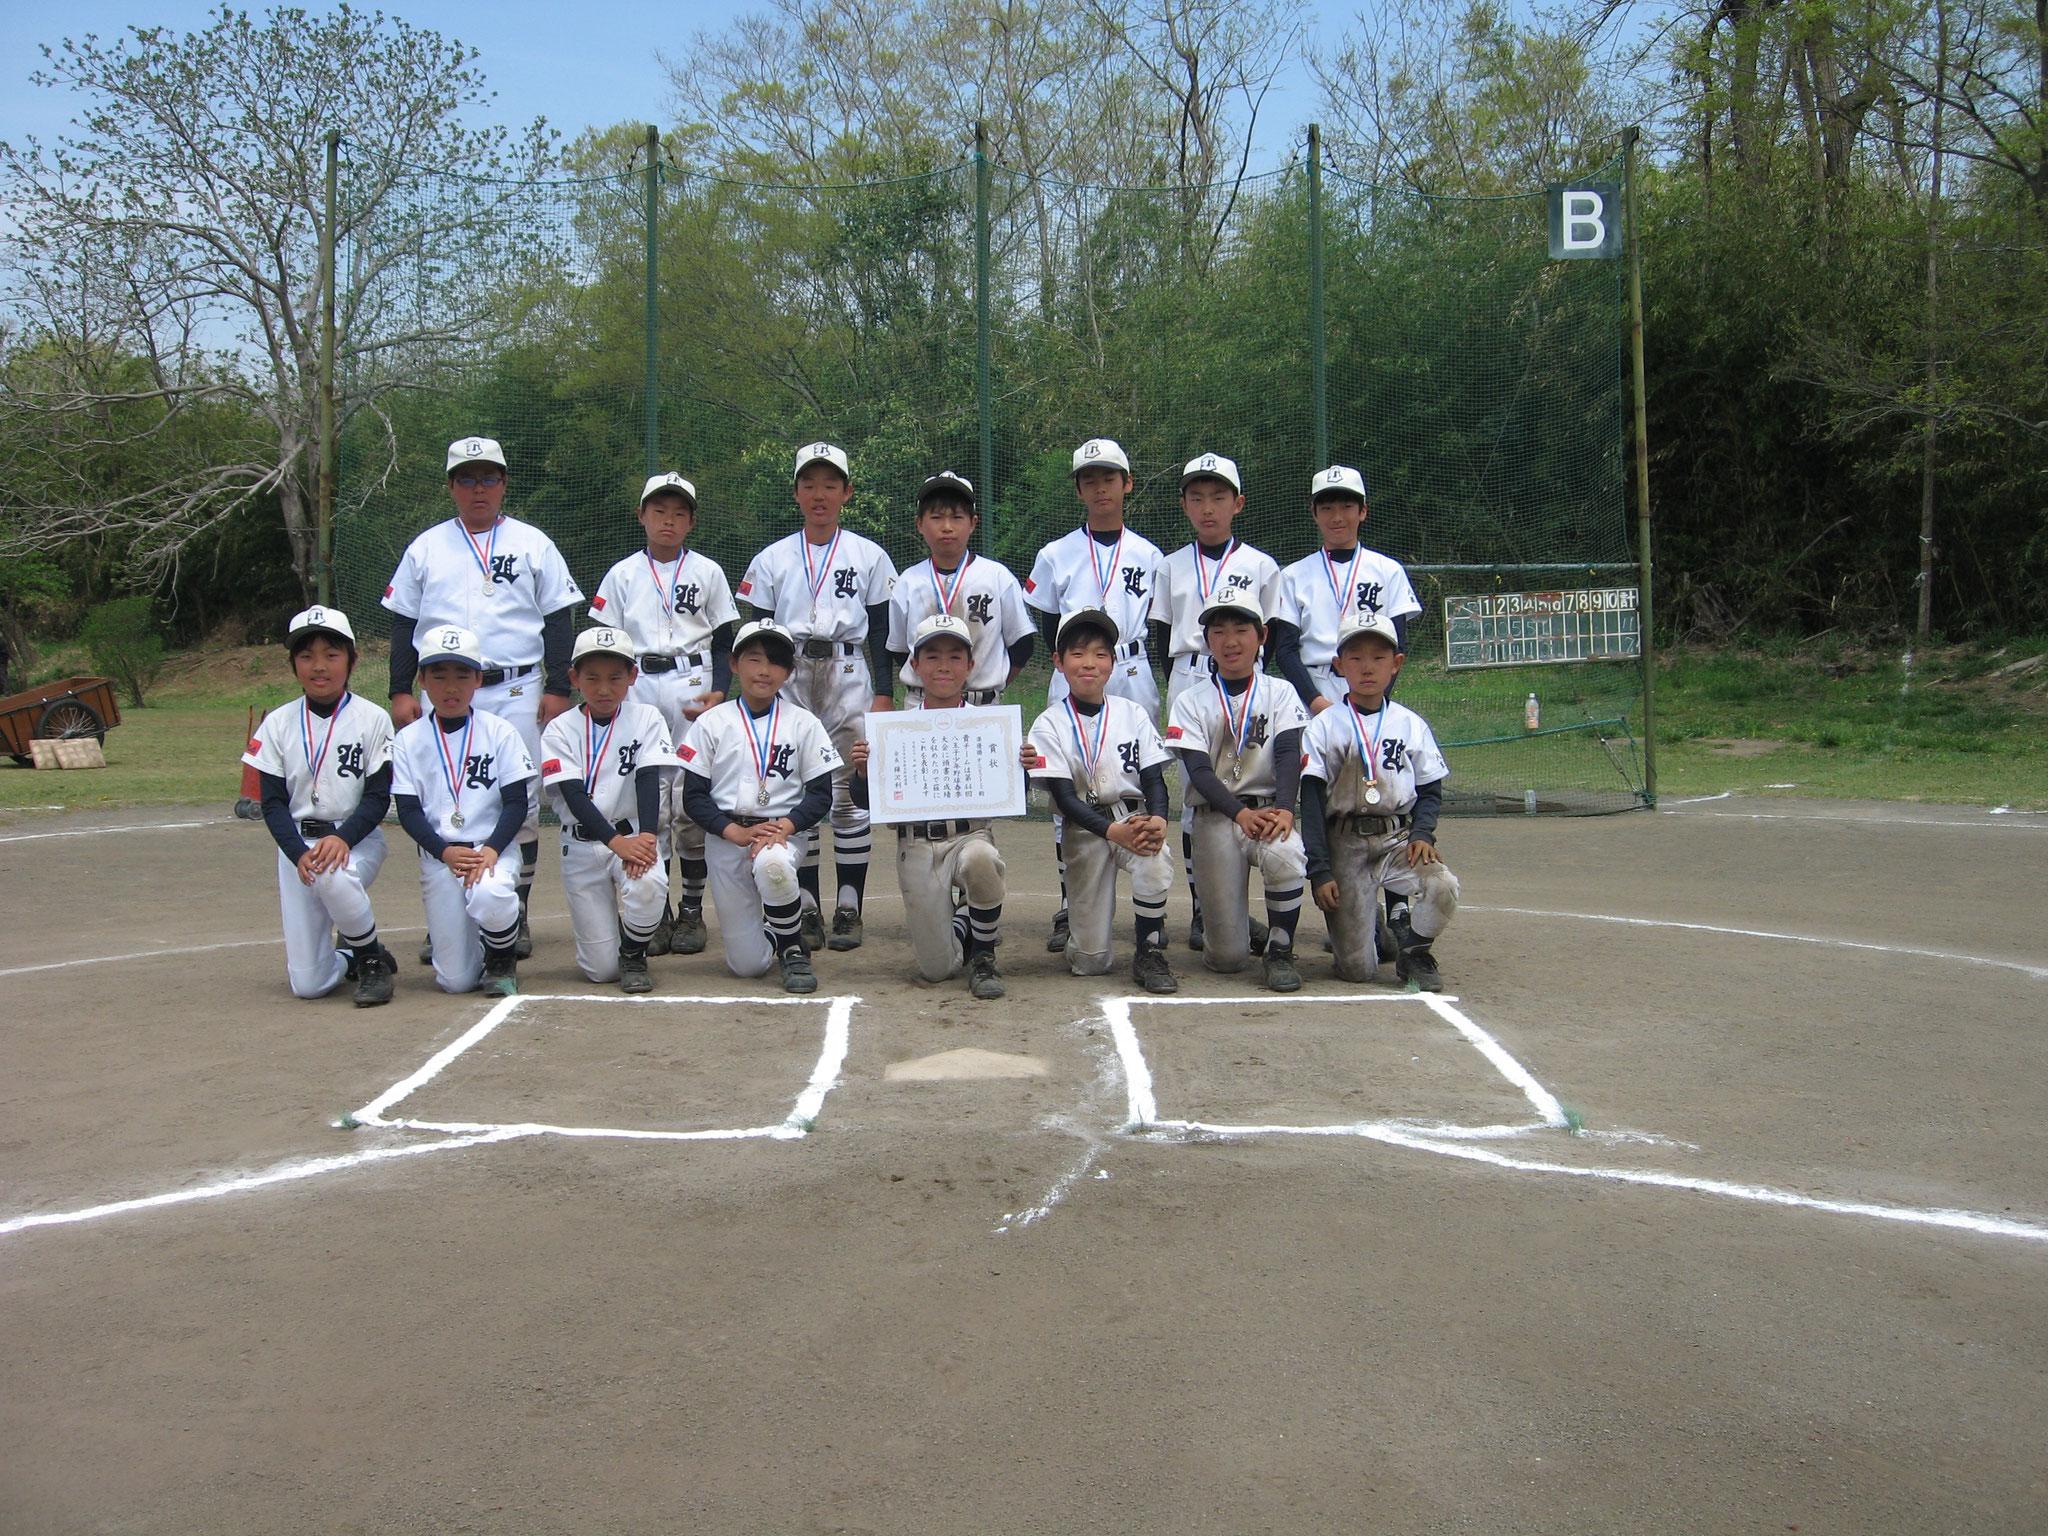 第44回 八王子市少年軟式野球春季大会  準優勝 第三地区ライオンズ 2019年4月21日